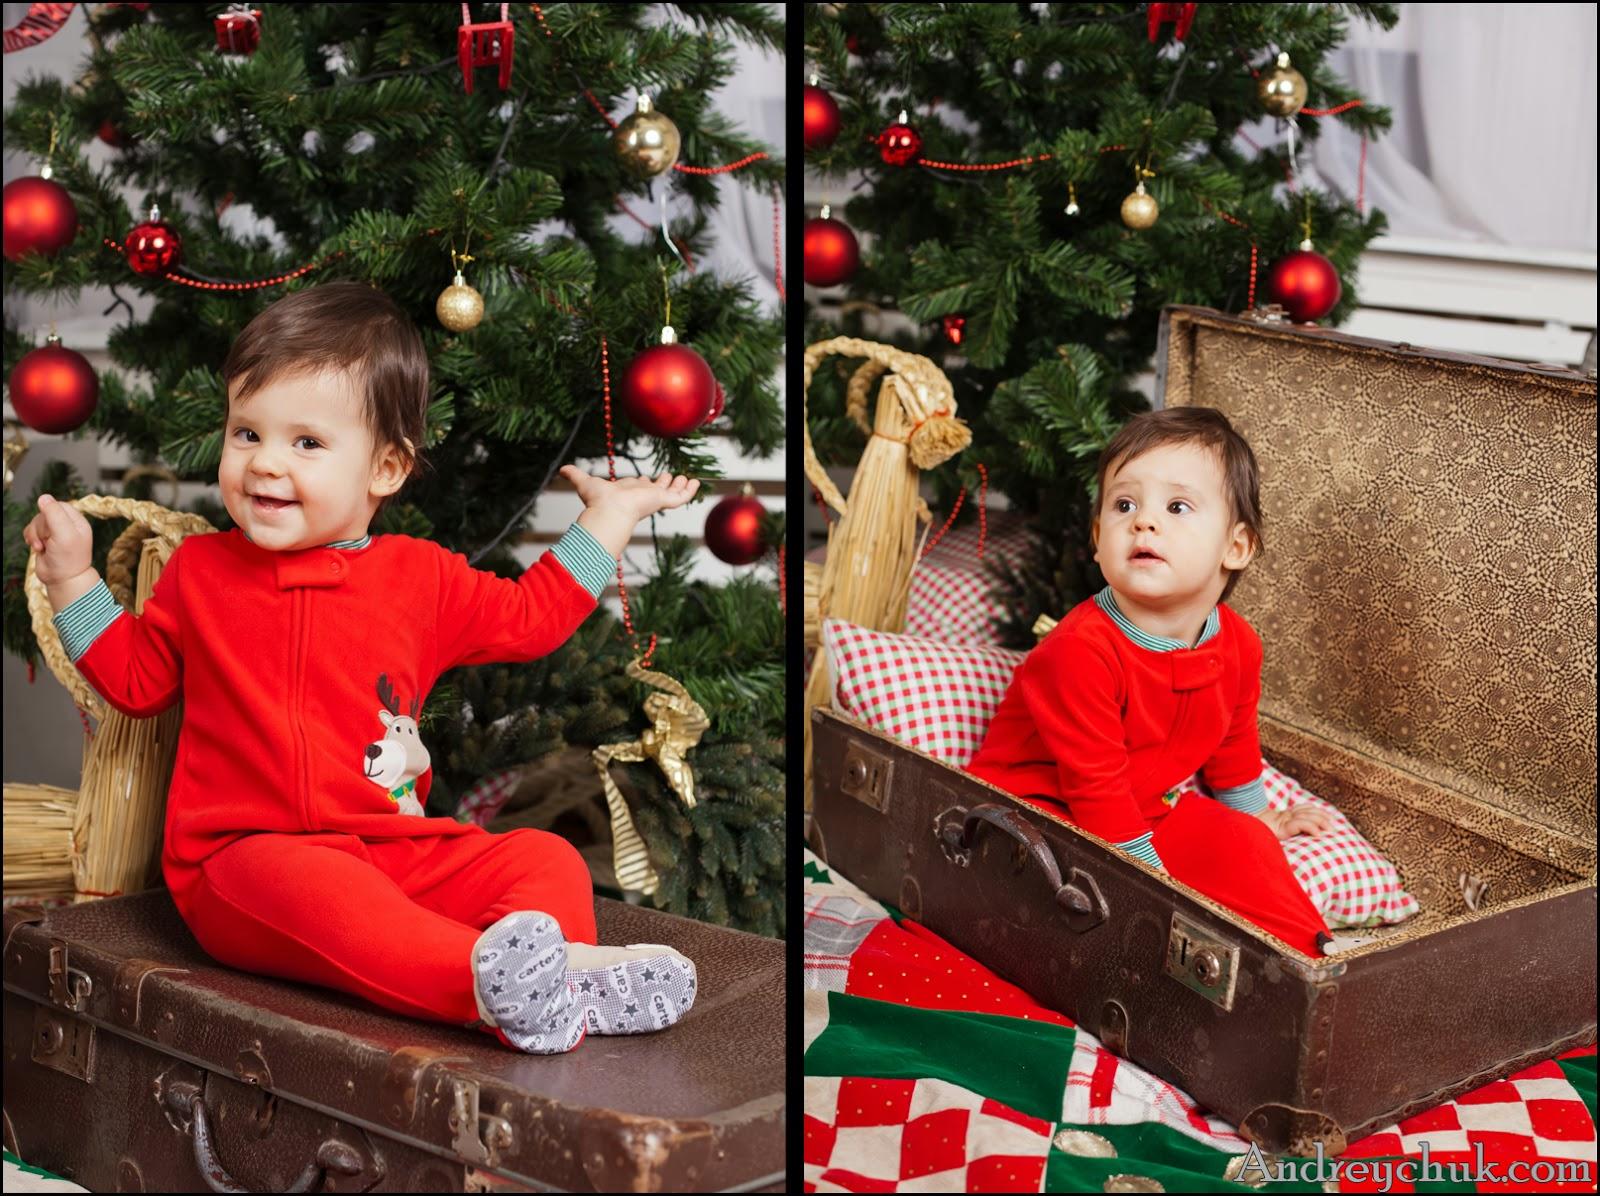 улыбающийся малыш у елки